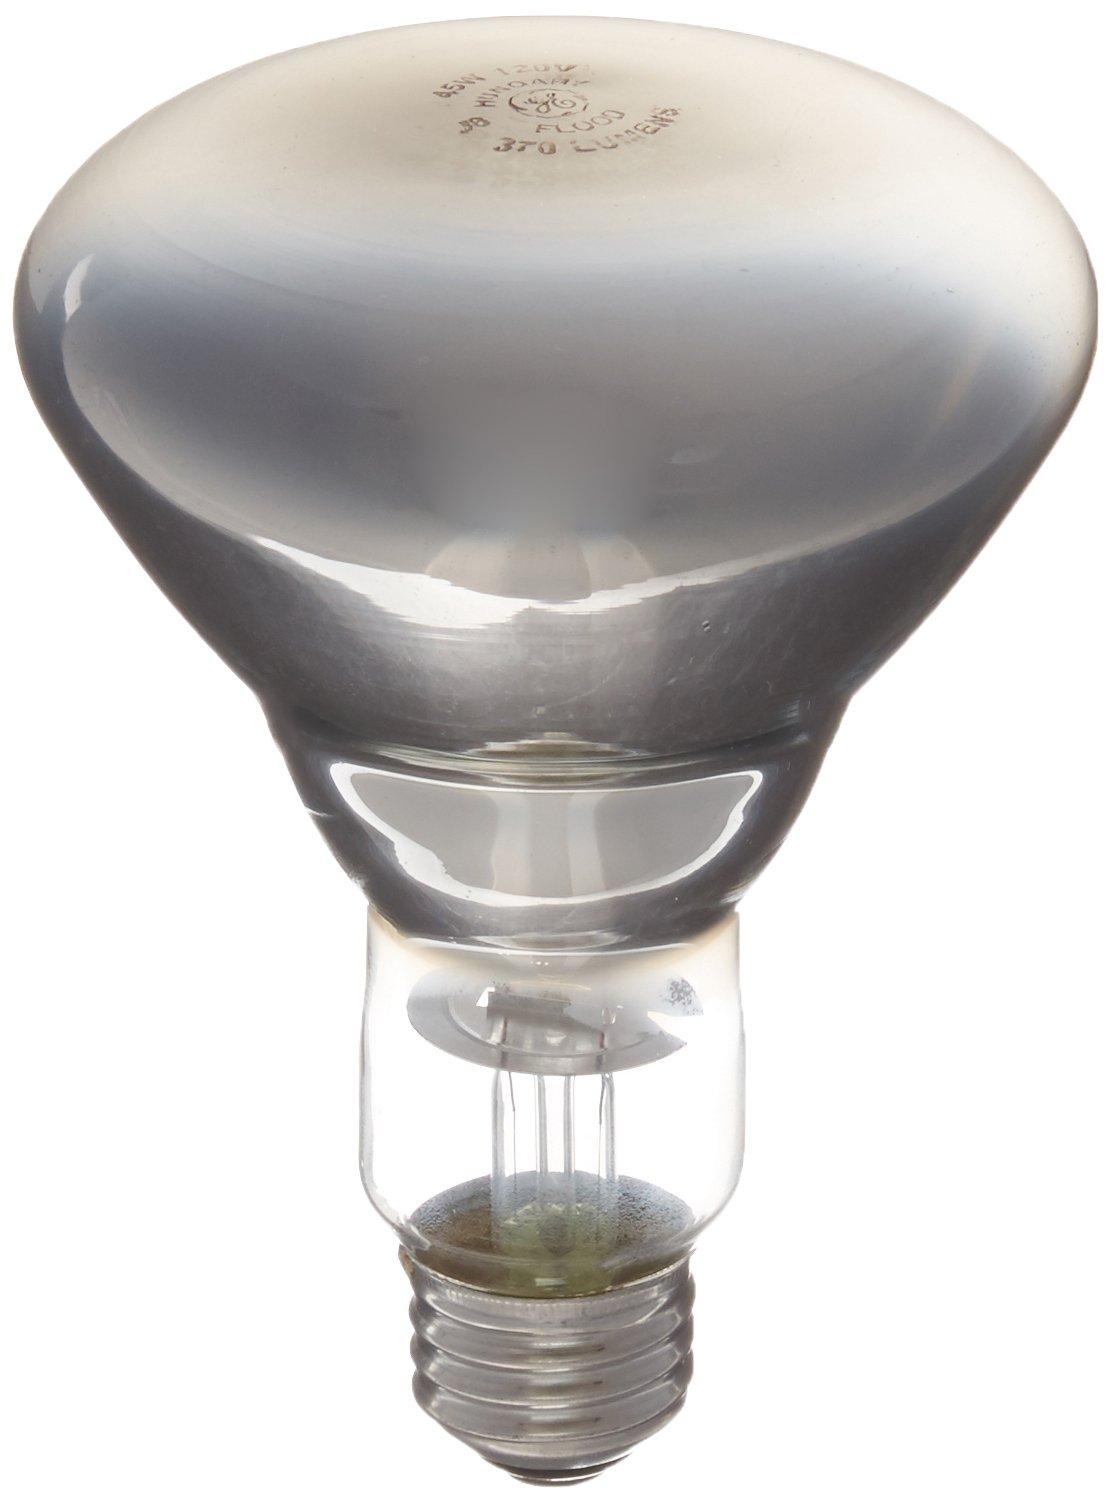 GE 48692-6 65 Watt Reveal Floodlight BR30 Light Bulb, 6-Pack